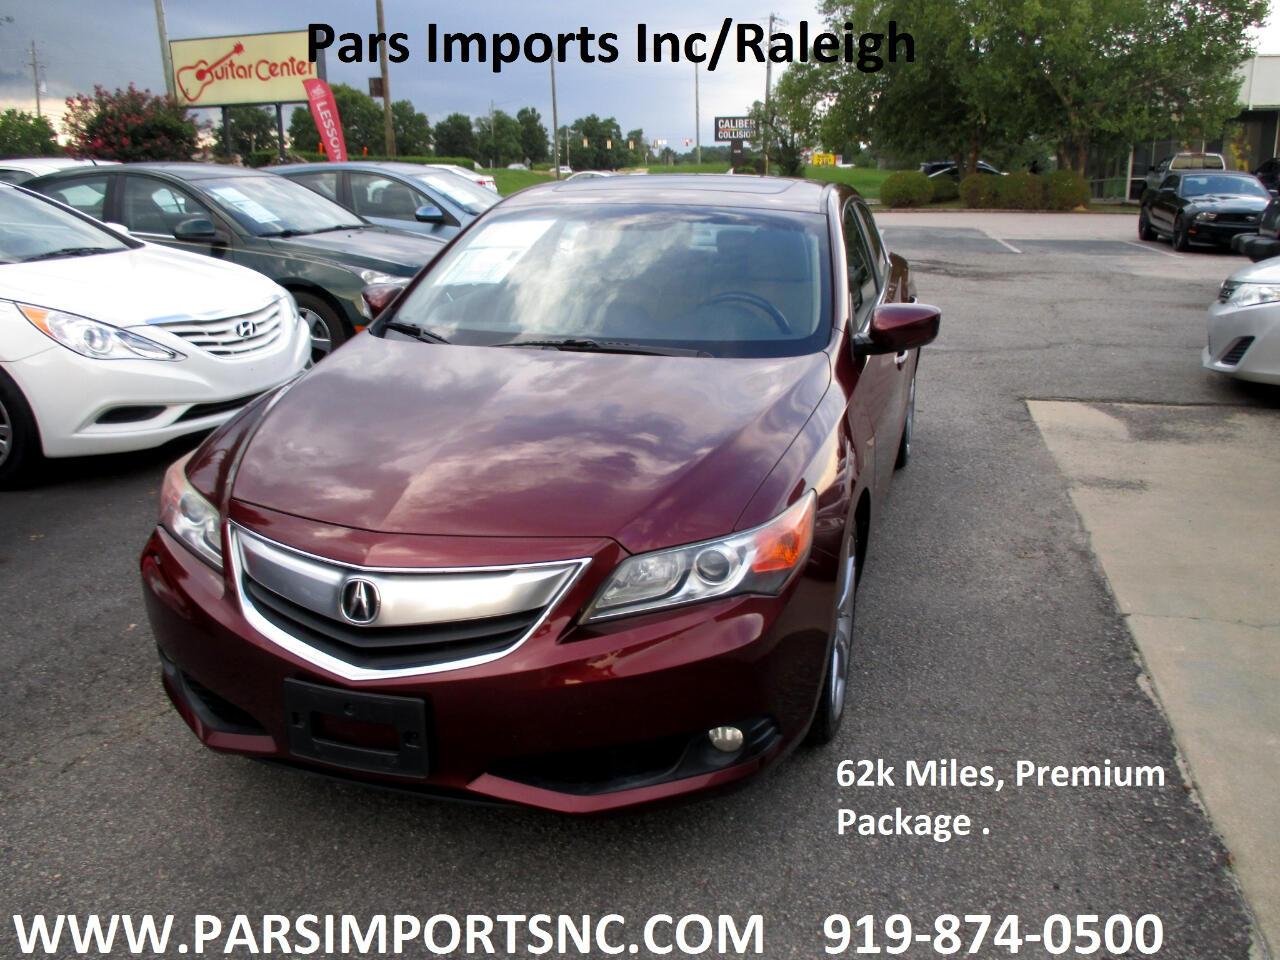 2013 Acura ILX 4dr Sdn 2.0L Premium Pkg